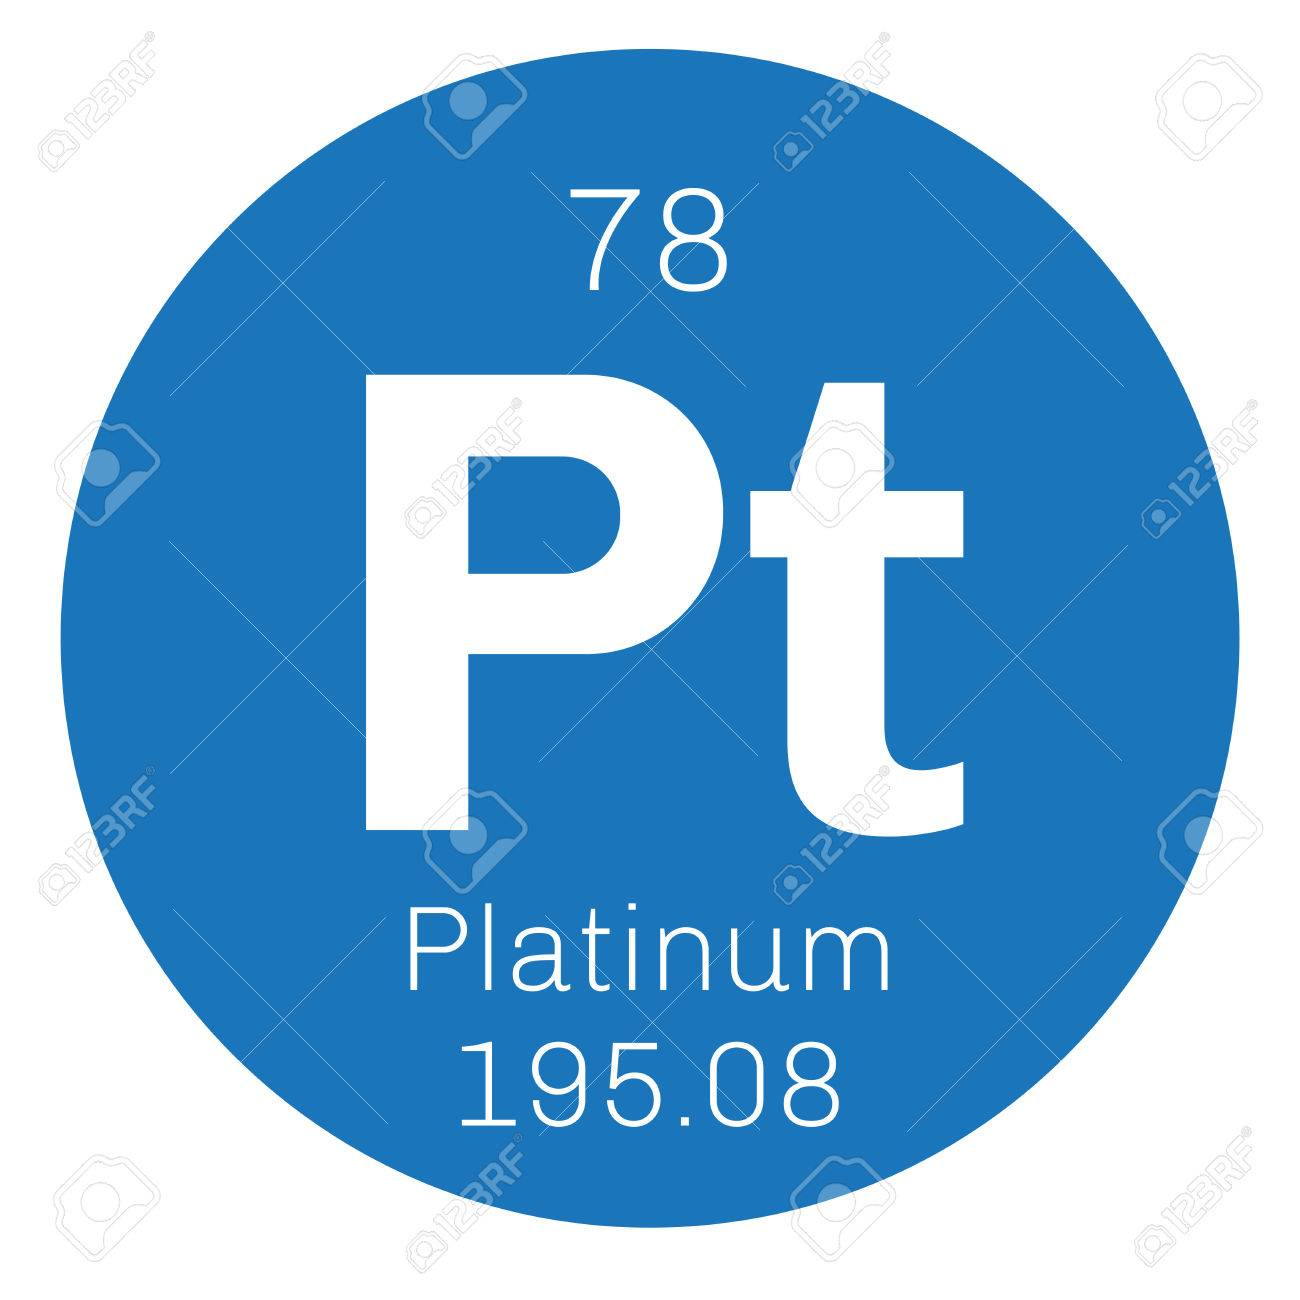 Platinum elemento qumico metal precioso icono de color con el foto de archivo platinum elemento qumico metal precioso icono de color con el nmero atmico y el peso atmico elemento qumico de la tabla peridica urtaz Gallery